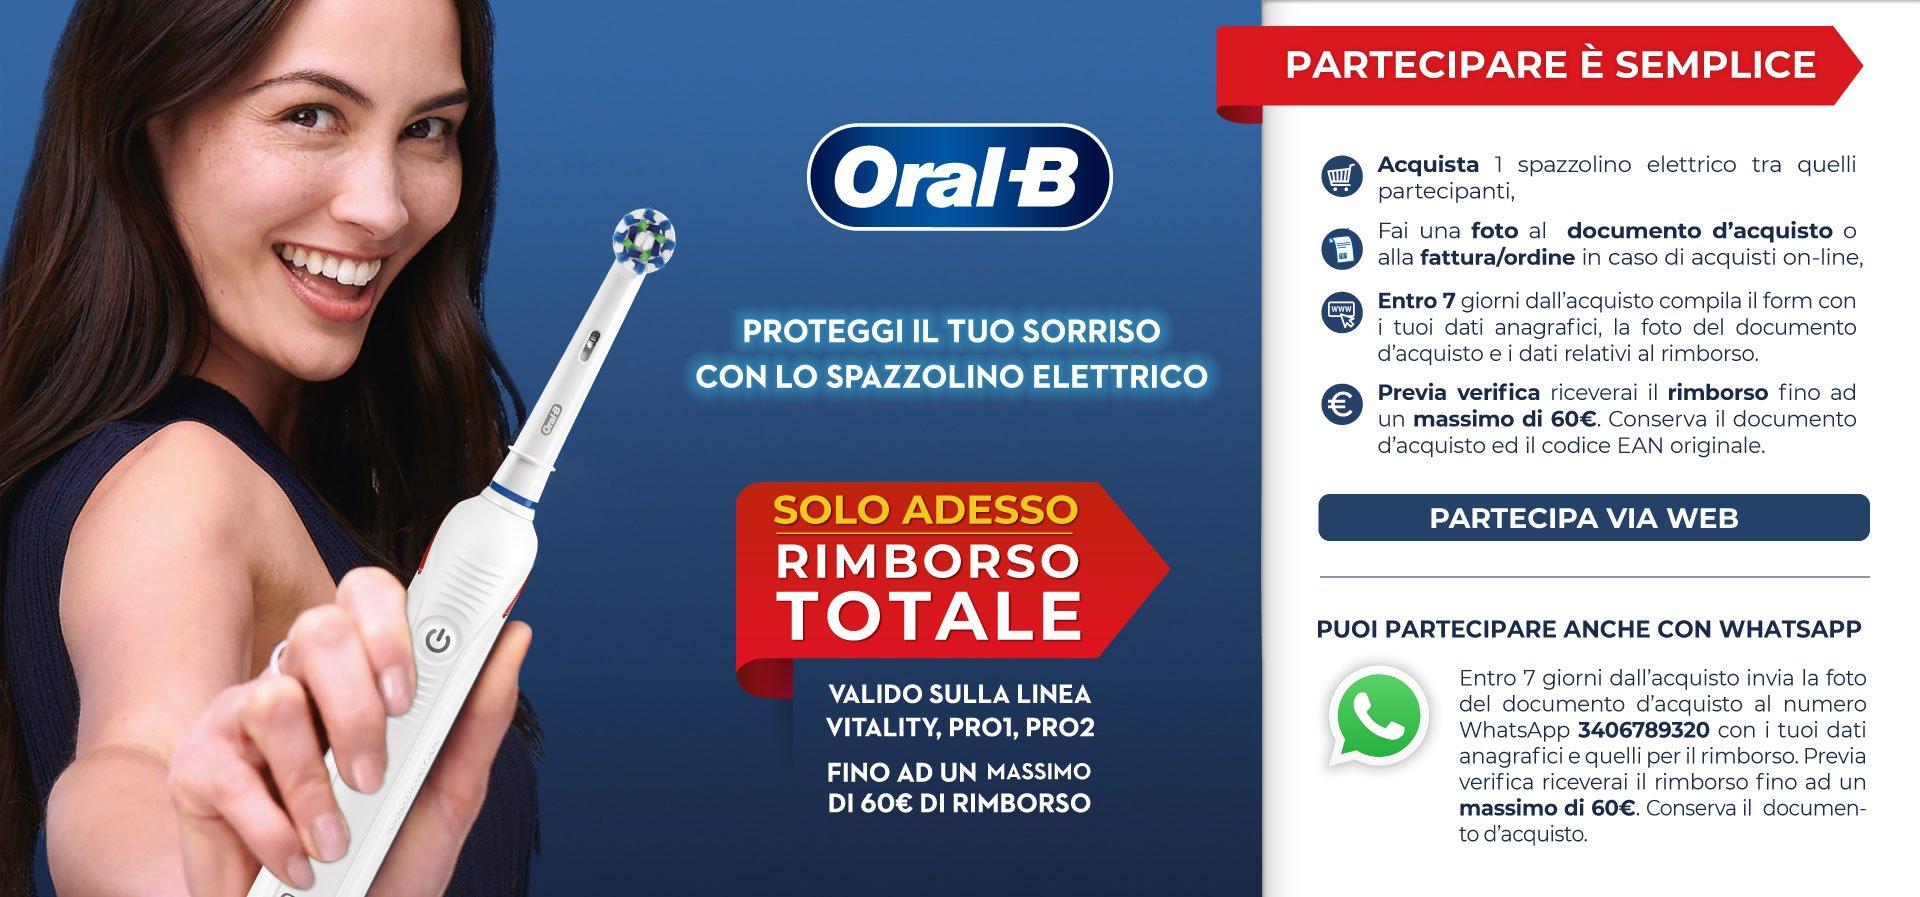 Spazzolino elettrico Oral-B gratis con Oral-B rimborso totale